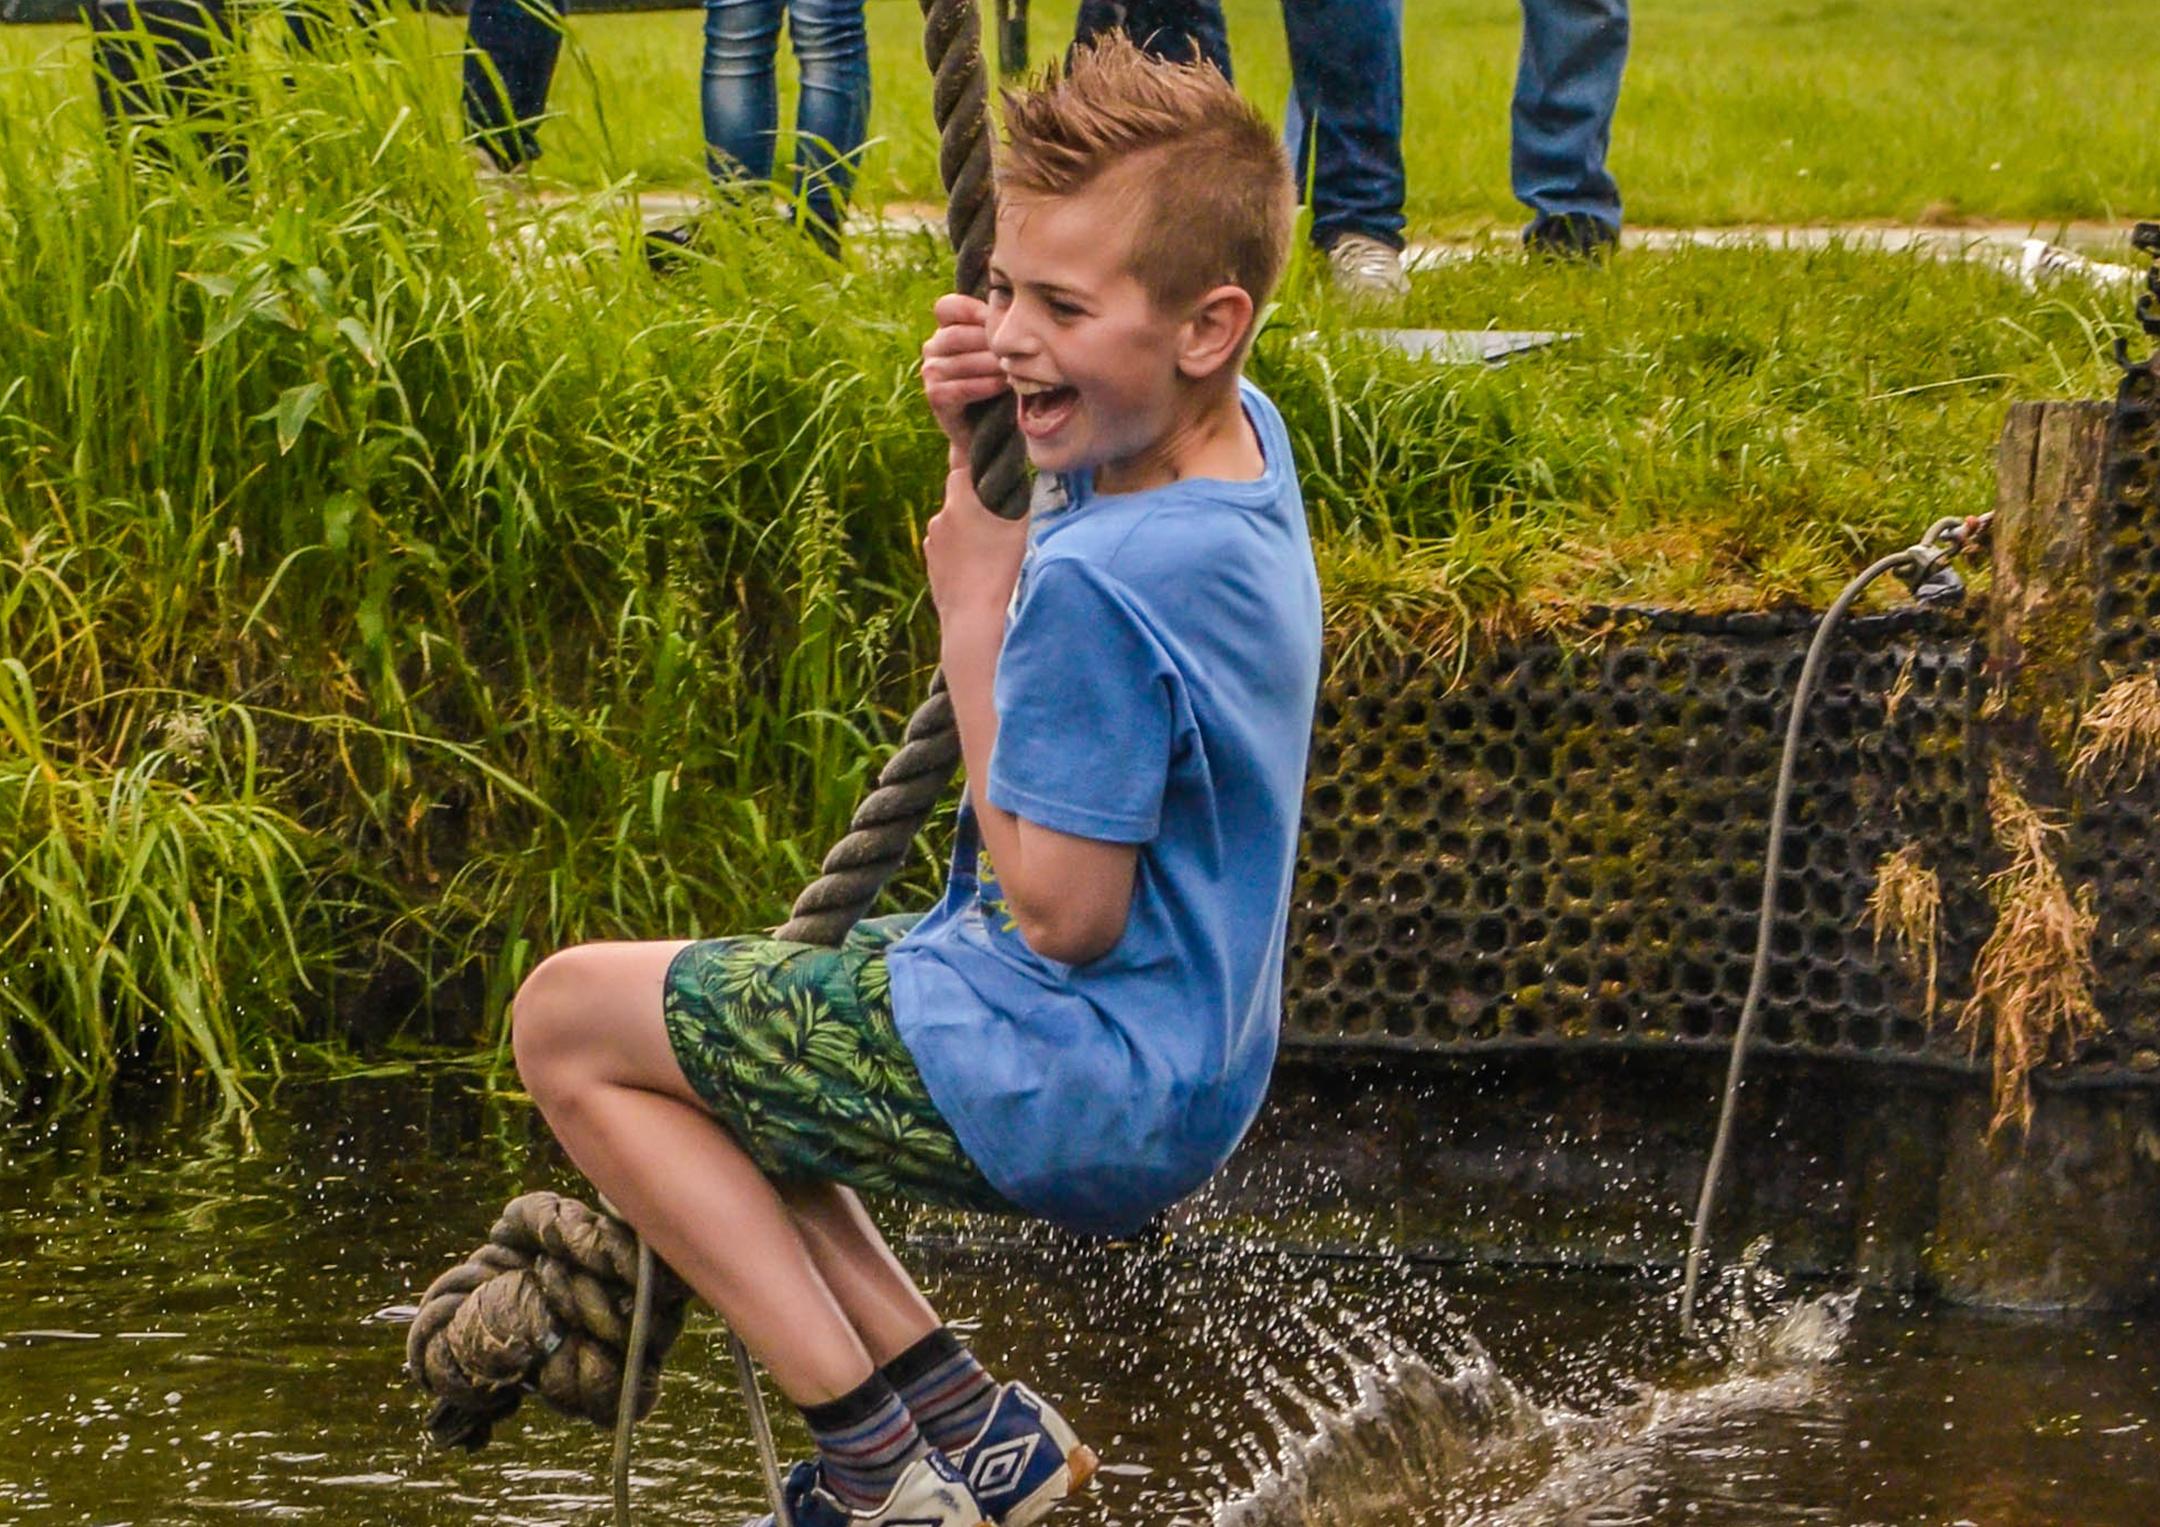 Actief kinderfeestje bij De Boerinn